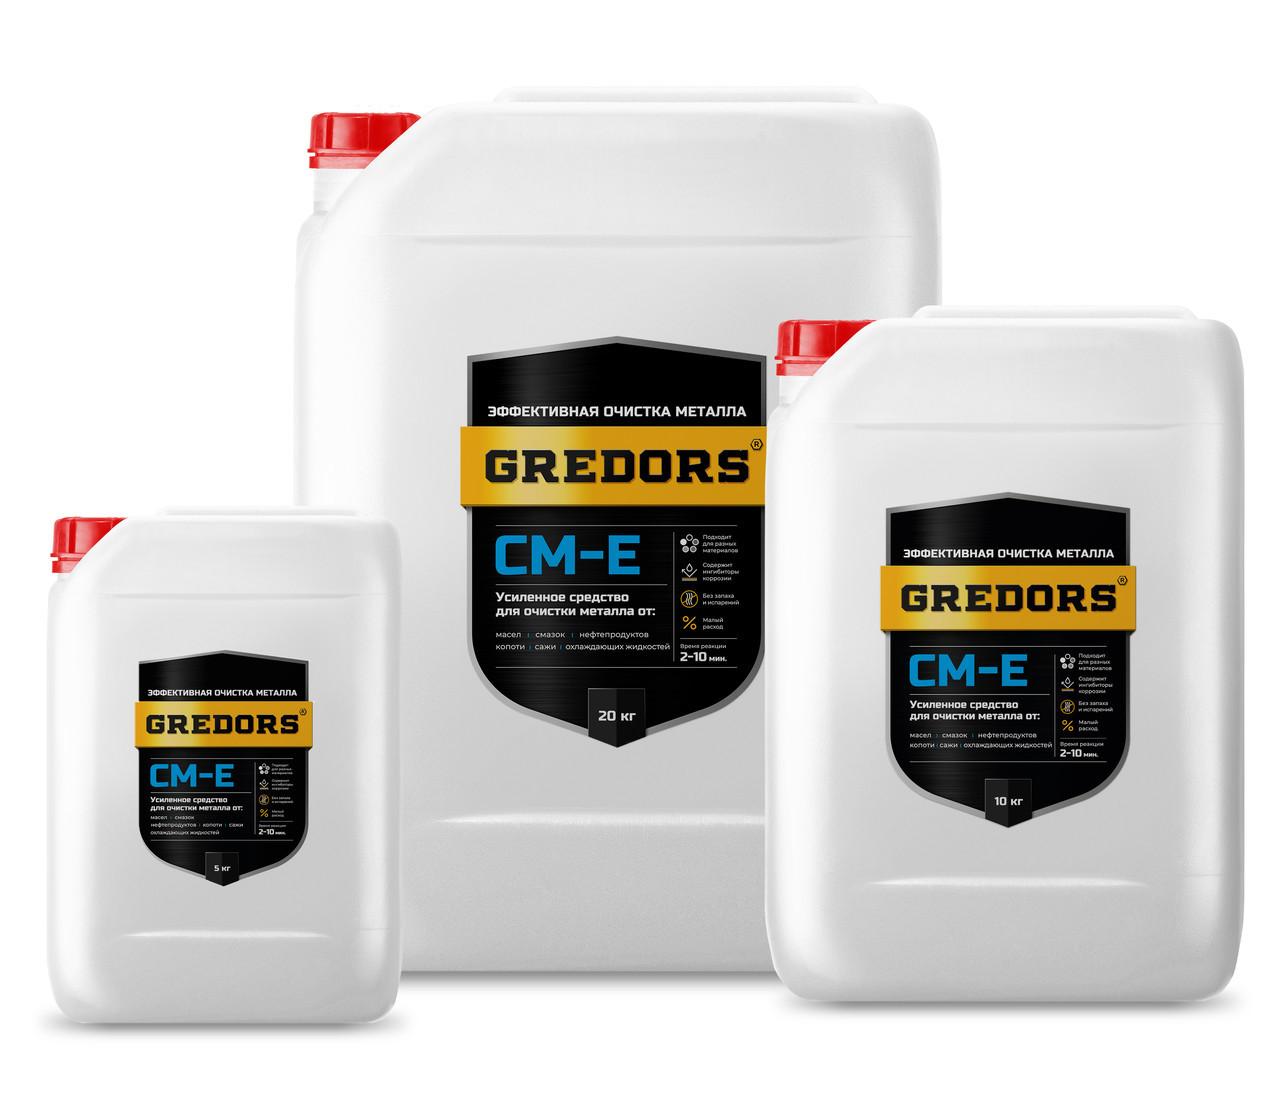 GREDORS CM–E – усиленное средство для очистки и обезжиривания поверхностей из чёрного металла